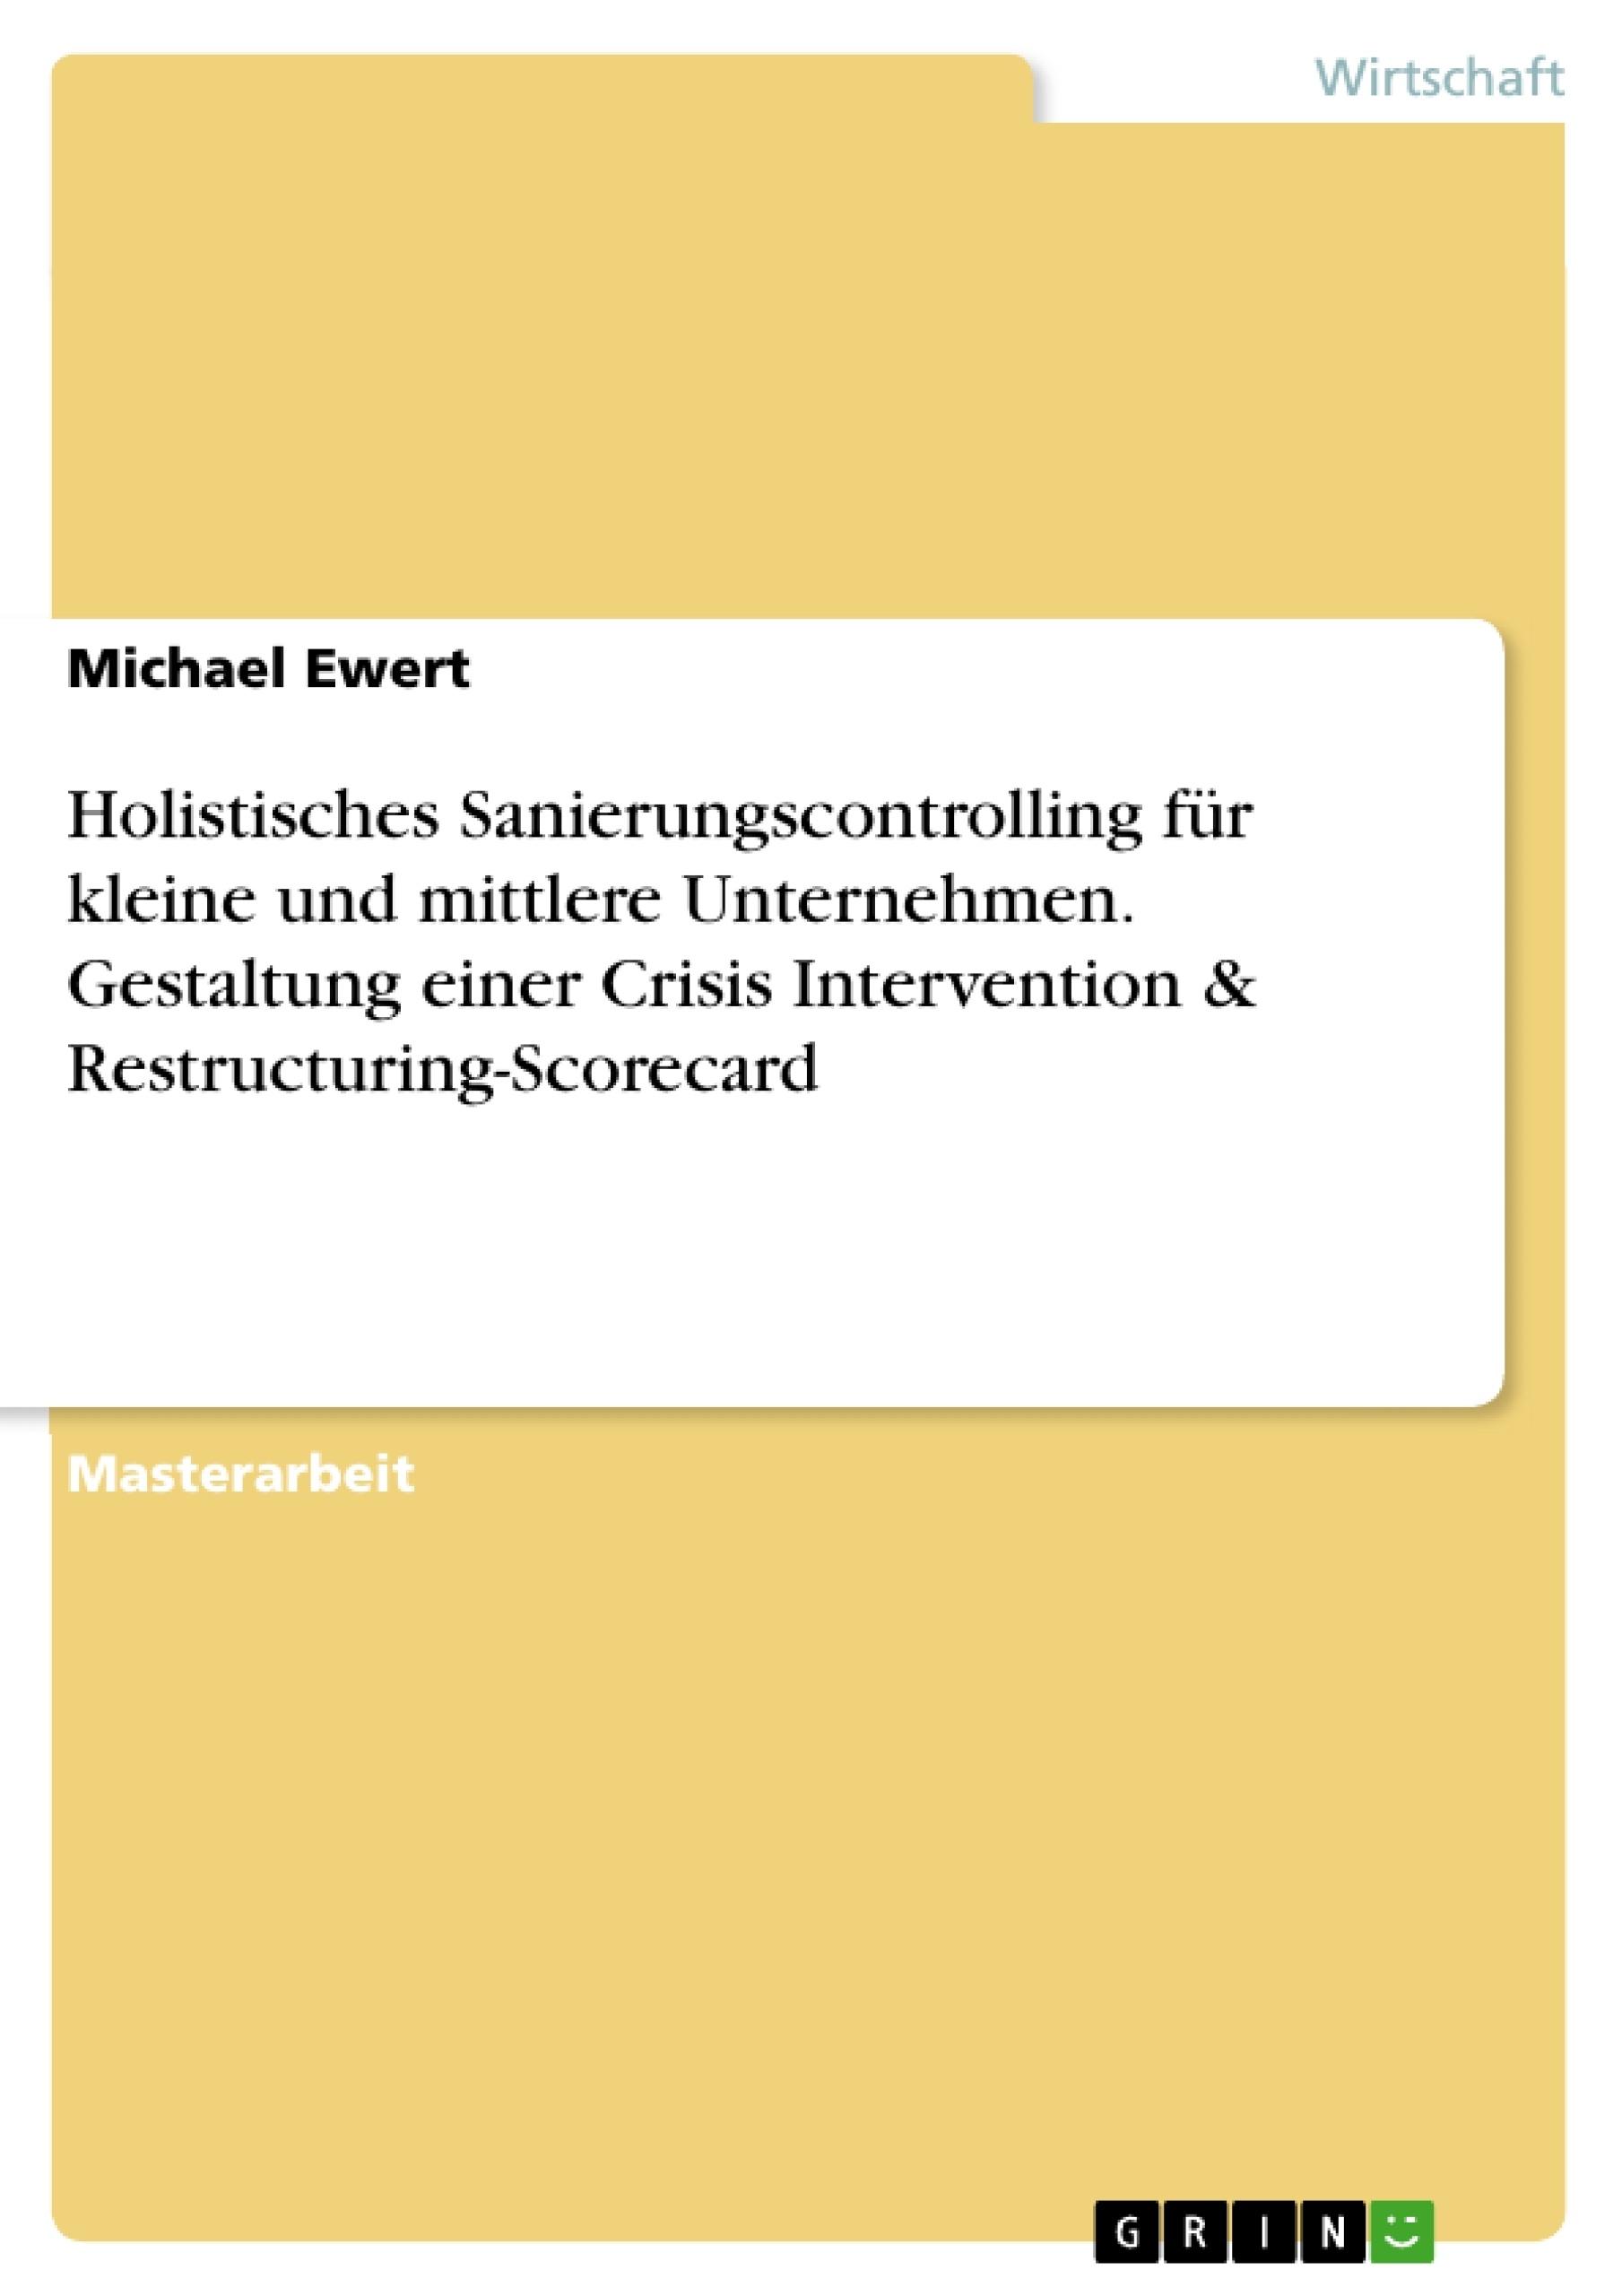 Titel: Holistisches Sanierungscontrolling für kleine und mittlere Unternehmen. Gestaltung einer Crisis Intervention & Restructuring-Scorecard